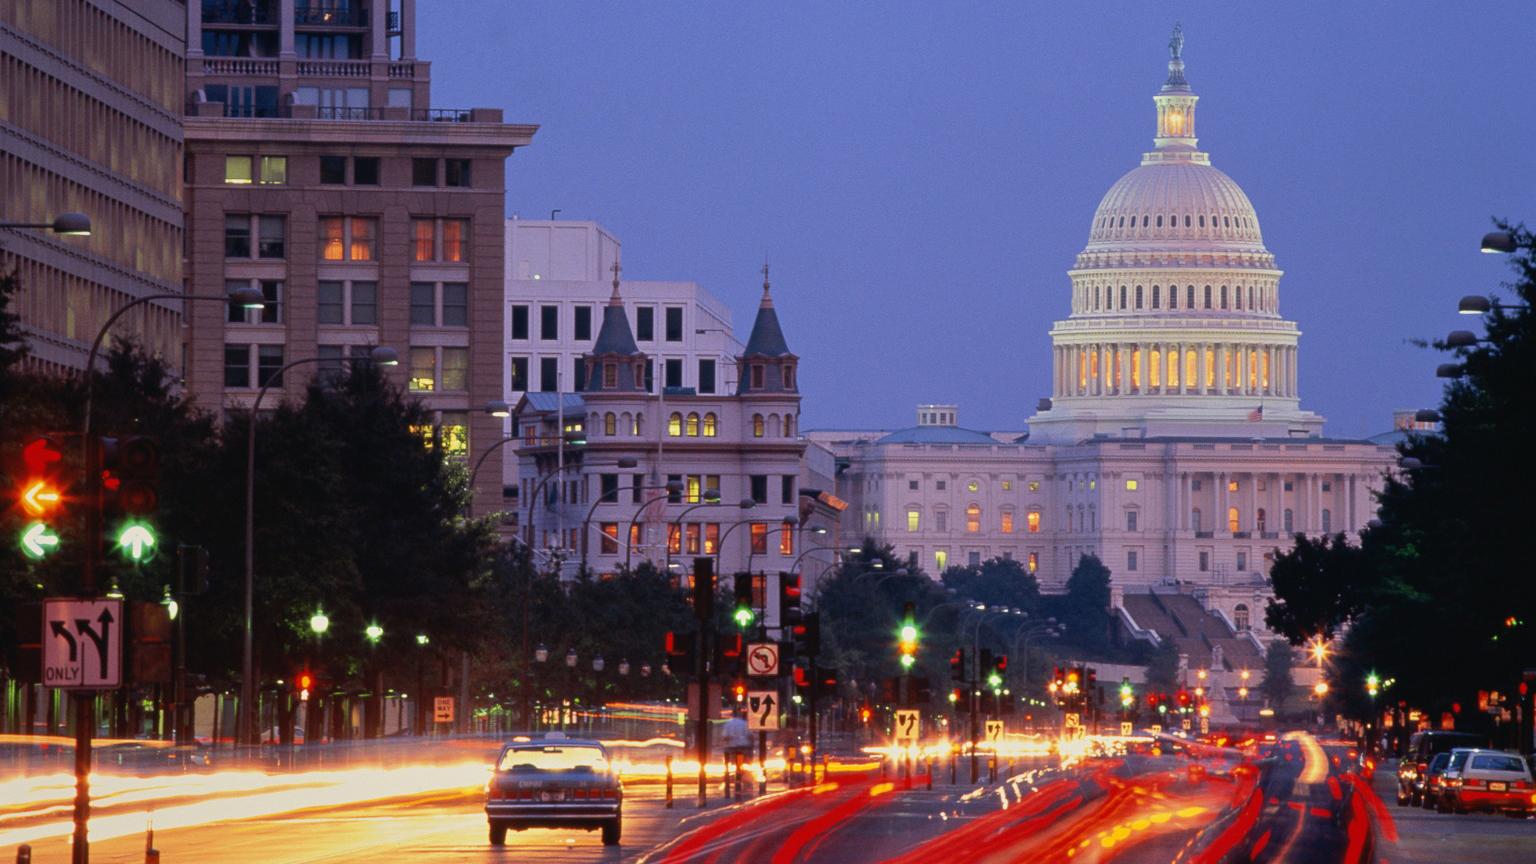 Capitol at Night, Washington DC, United States